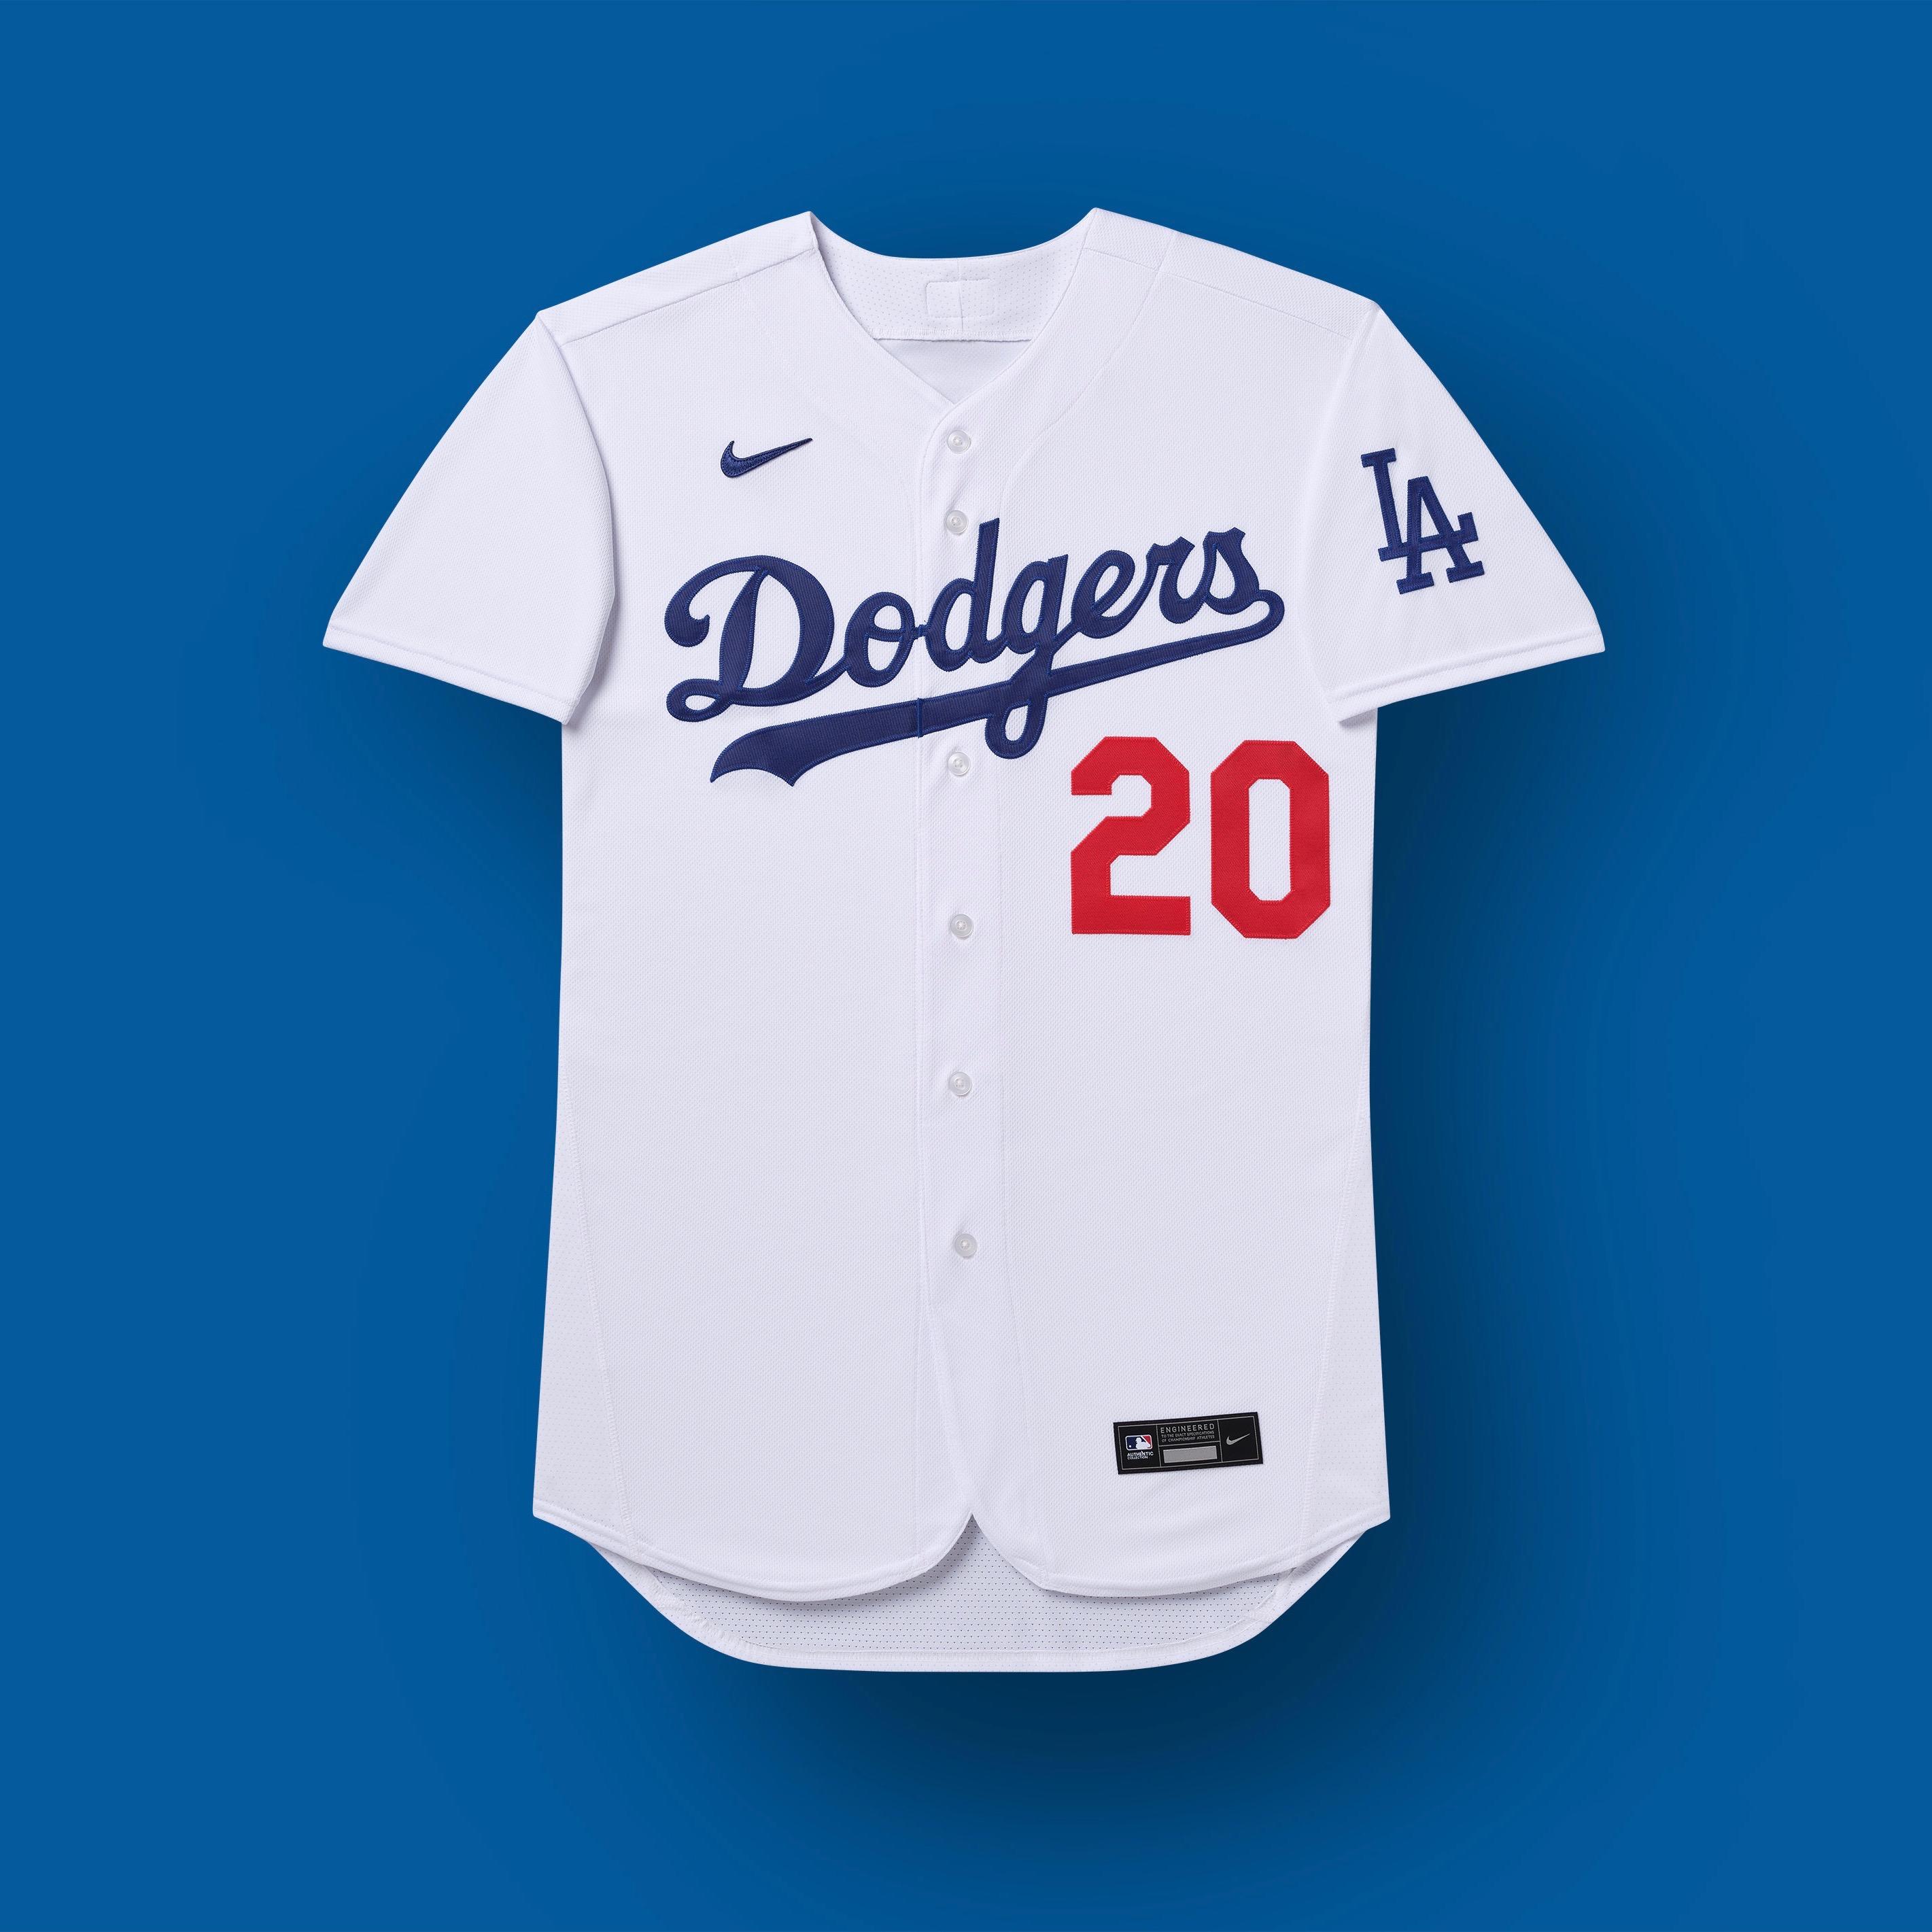 la dodgers 2020 uniforms